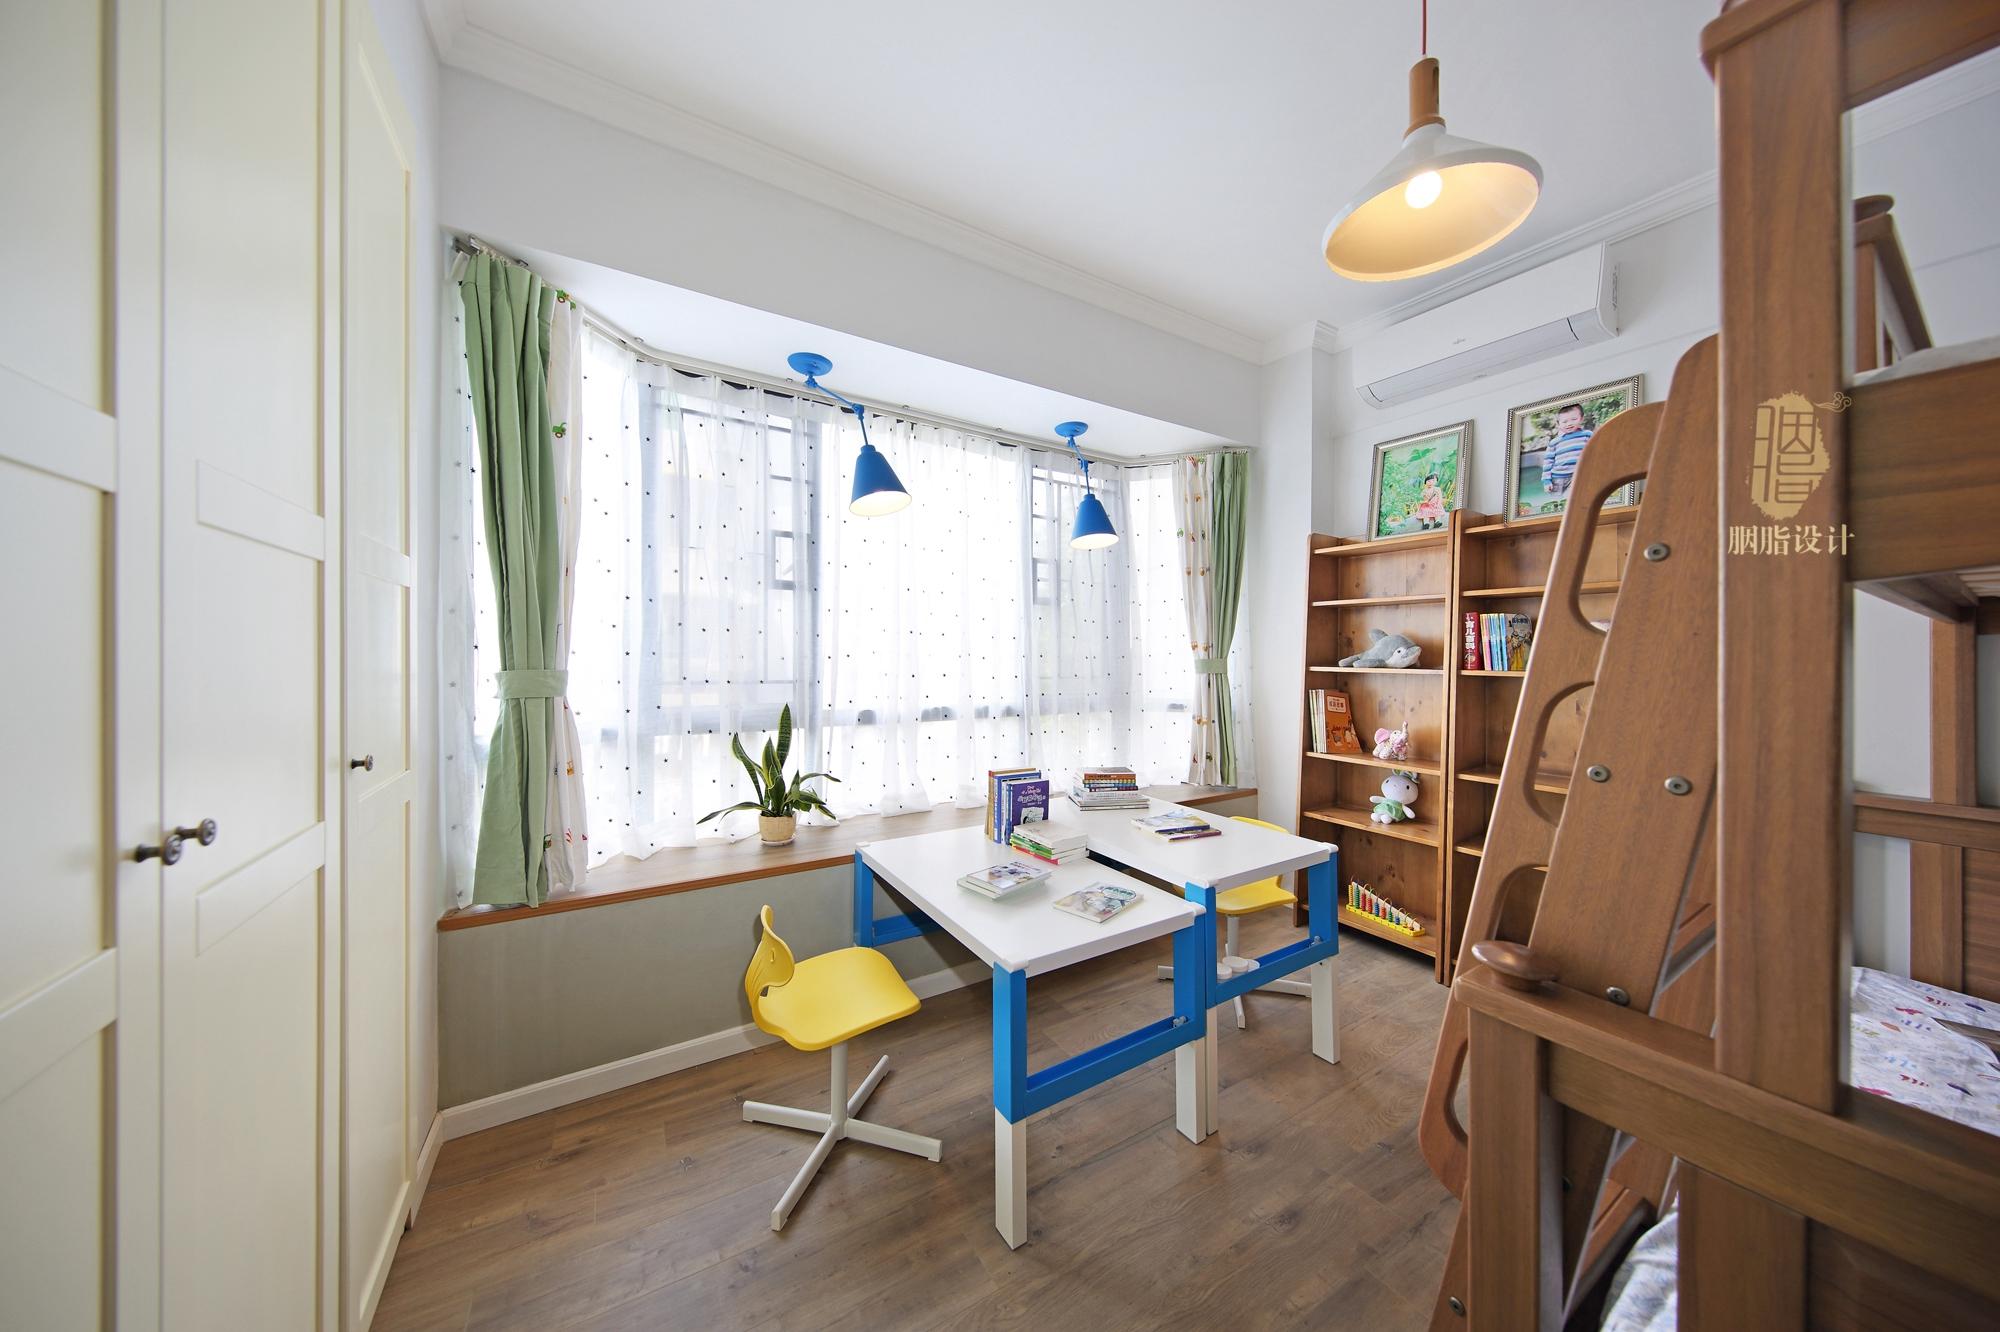 三居 旧房改造 北欧 胭脂设计 家装设计 室内设计 儿童房图片来自设计师胭脂在华工旧房改造2—素简生活的分享